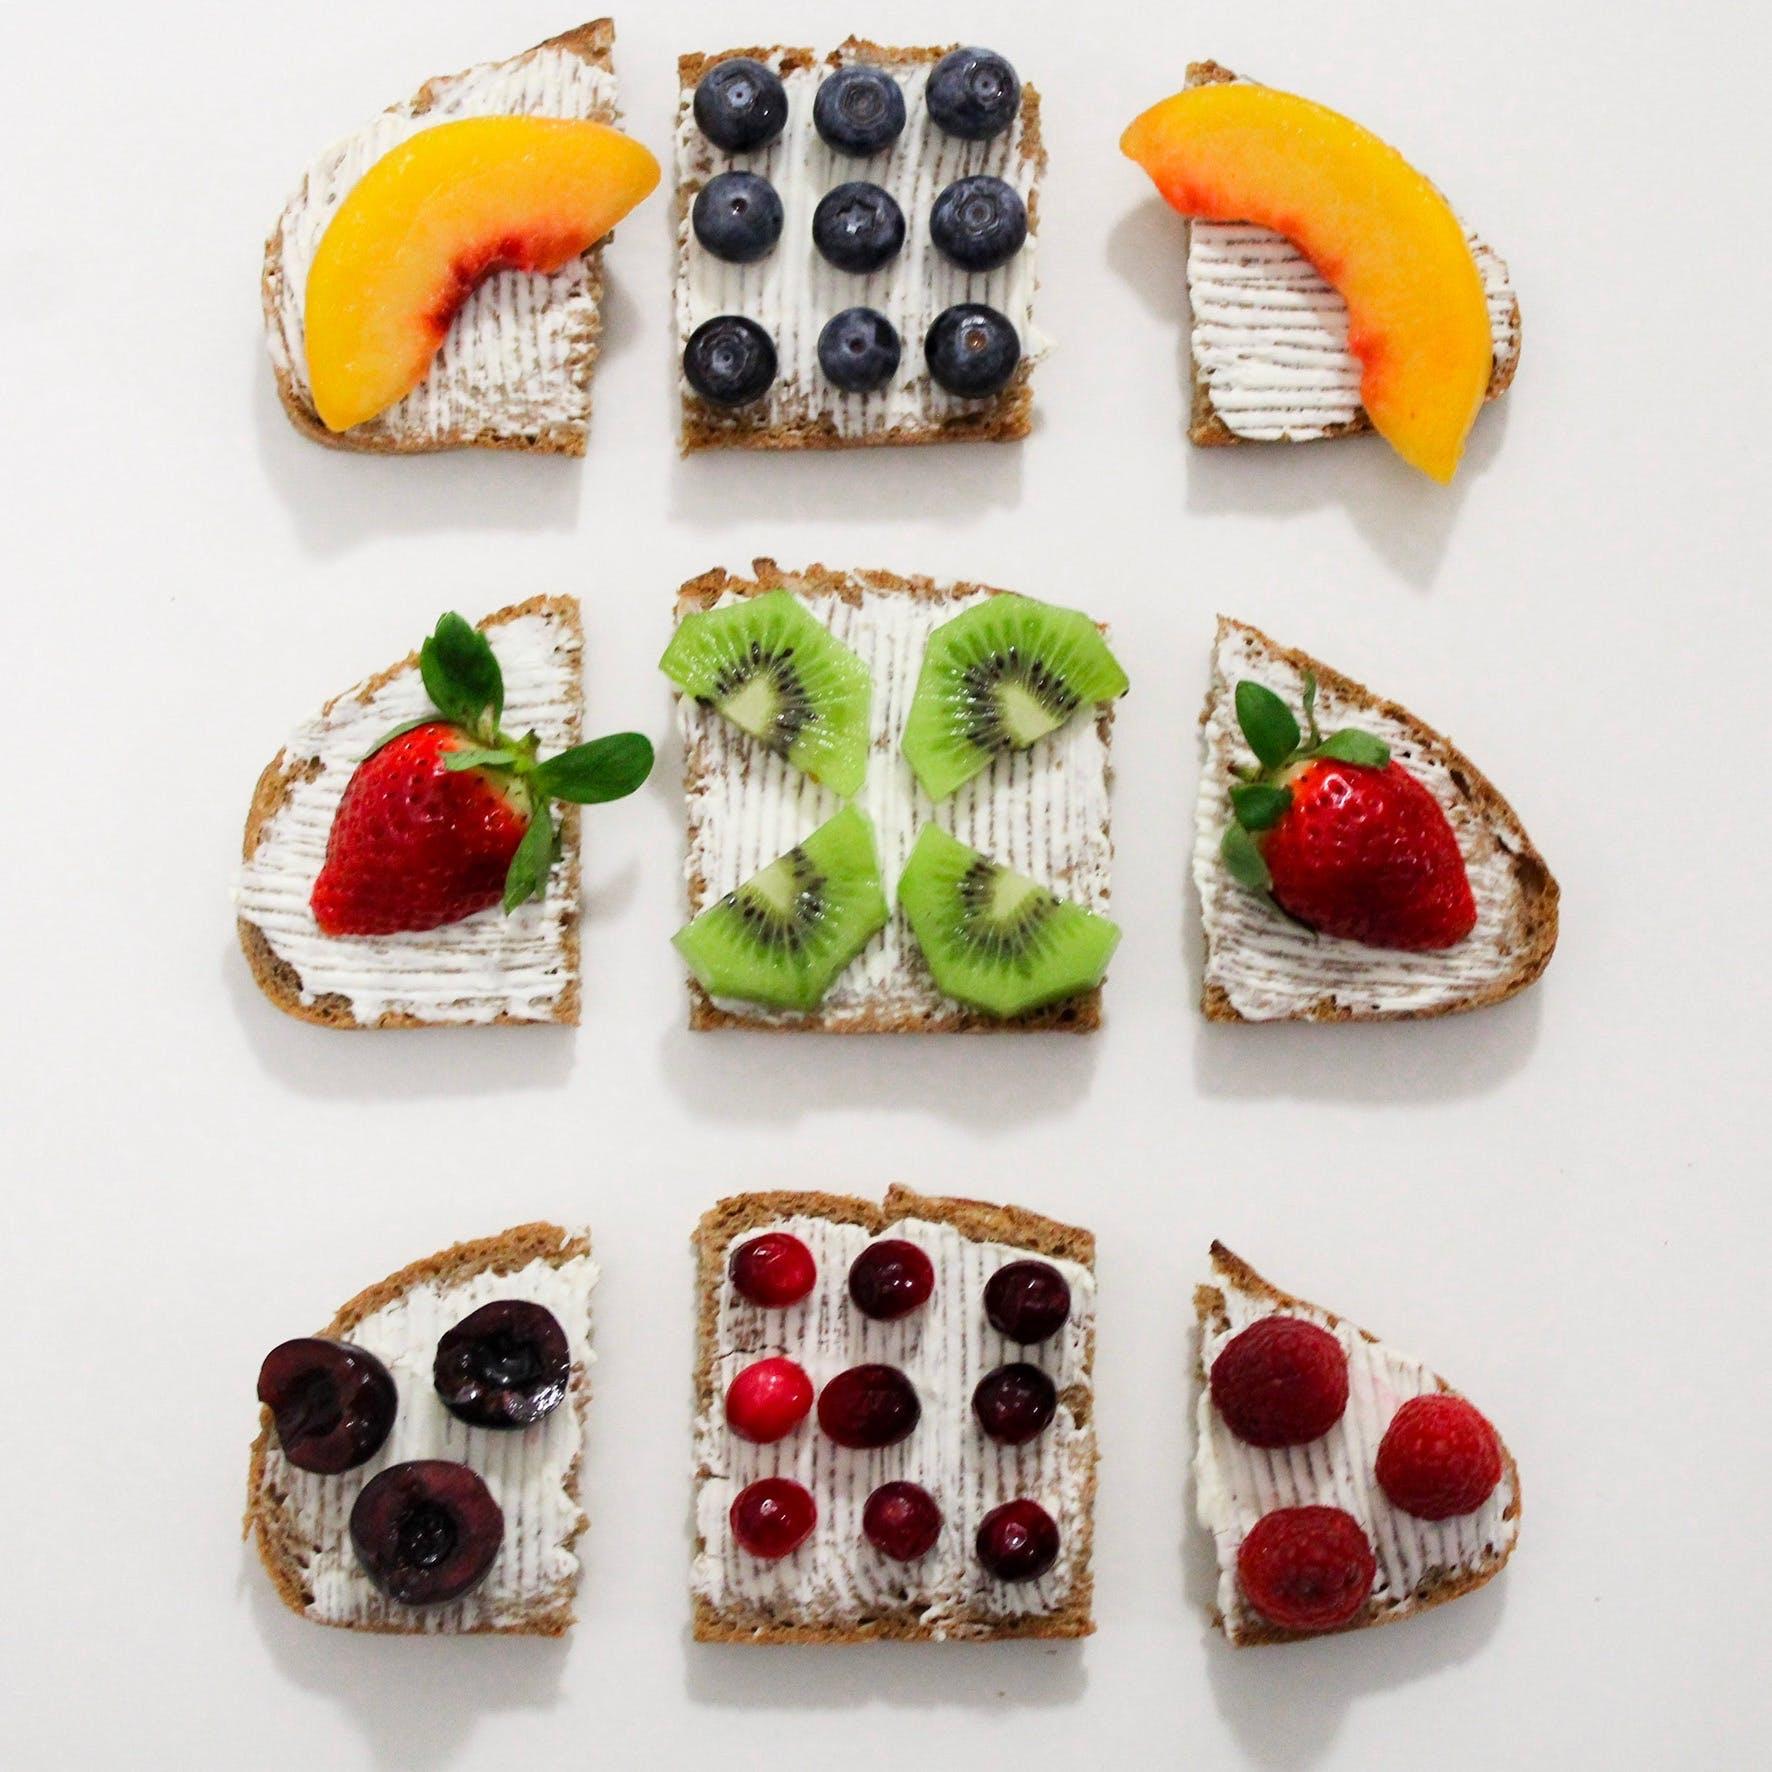 Kostenloses Stock Foto zu essen, gesund, vegetarier, tisch